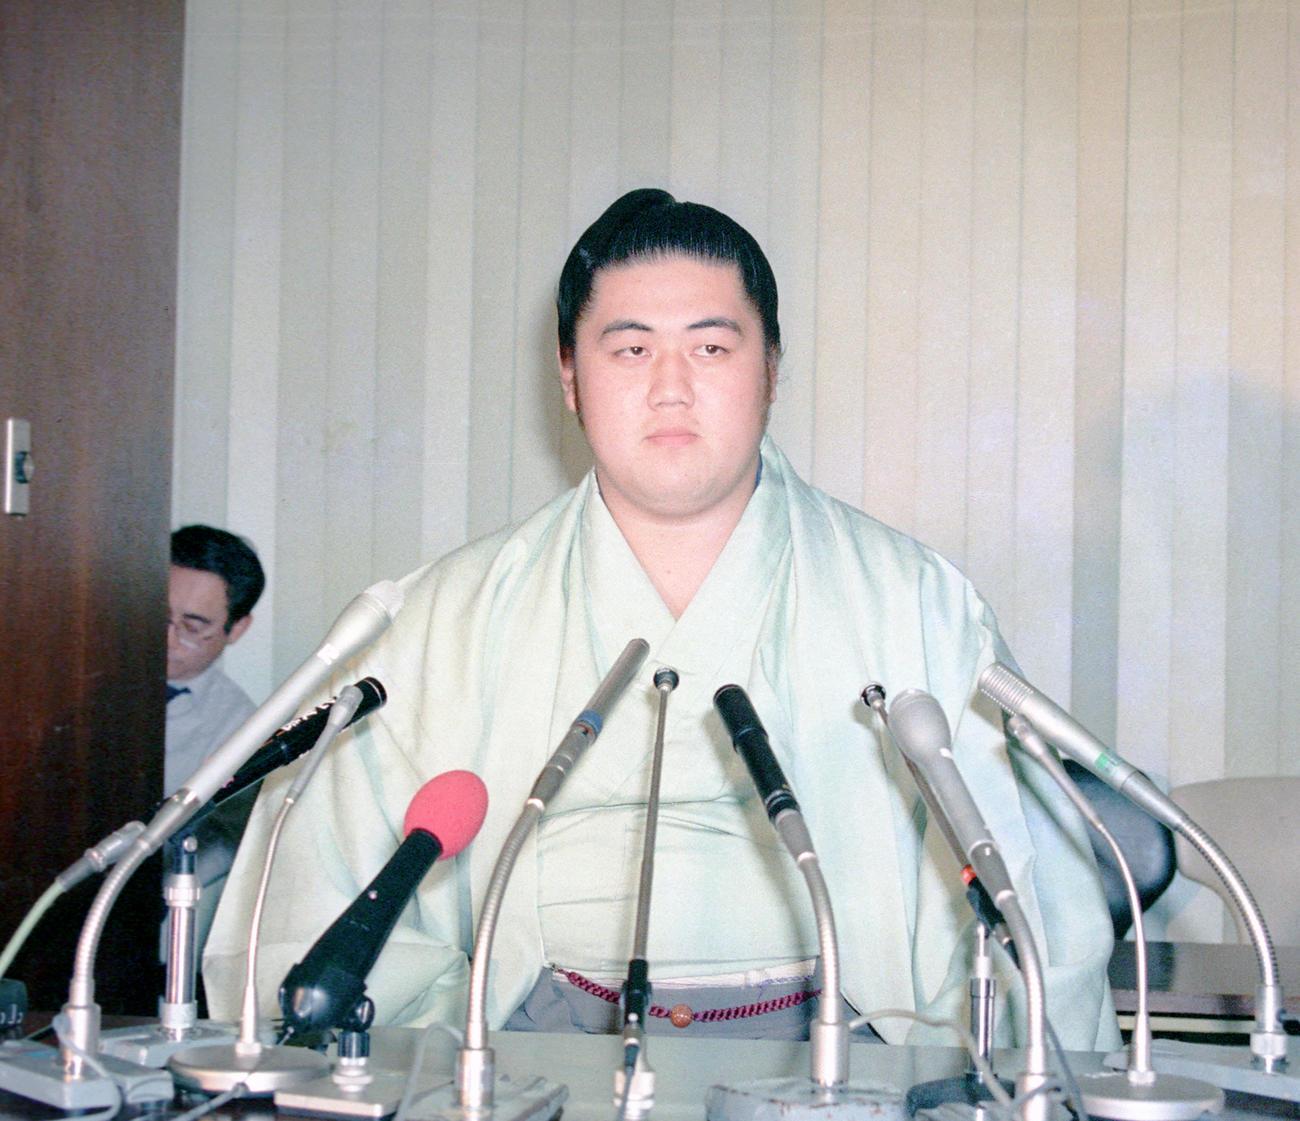 失踪事件を起こし廃業となった双羽黒(1987年12月31日撮影)